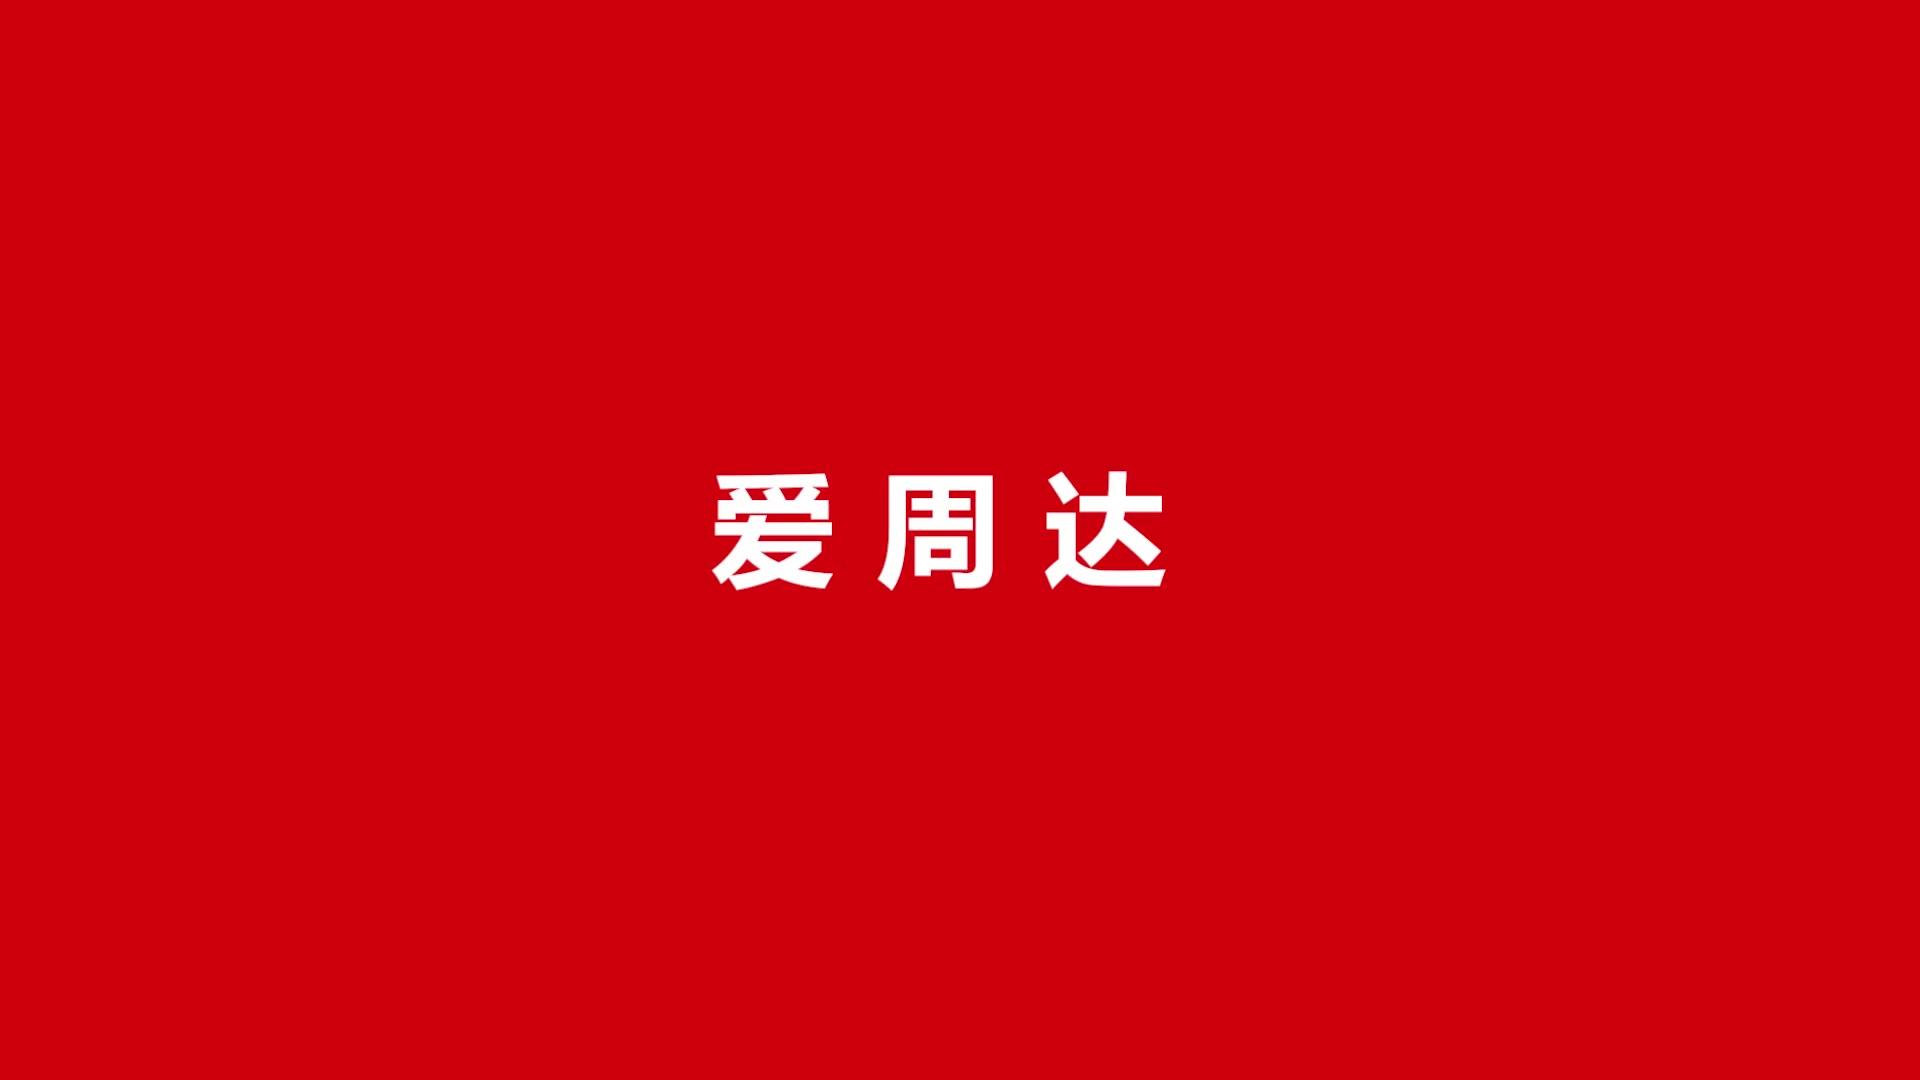 许静静,中央戏剧学院全国第二名,河南省联考268分,联考校考双冠王